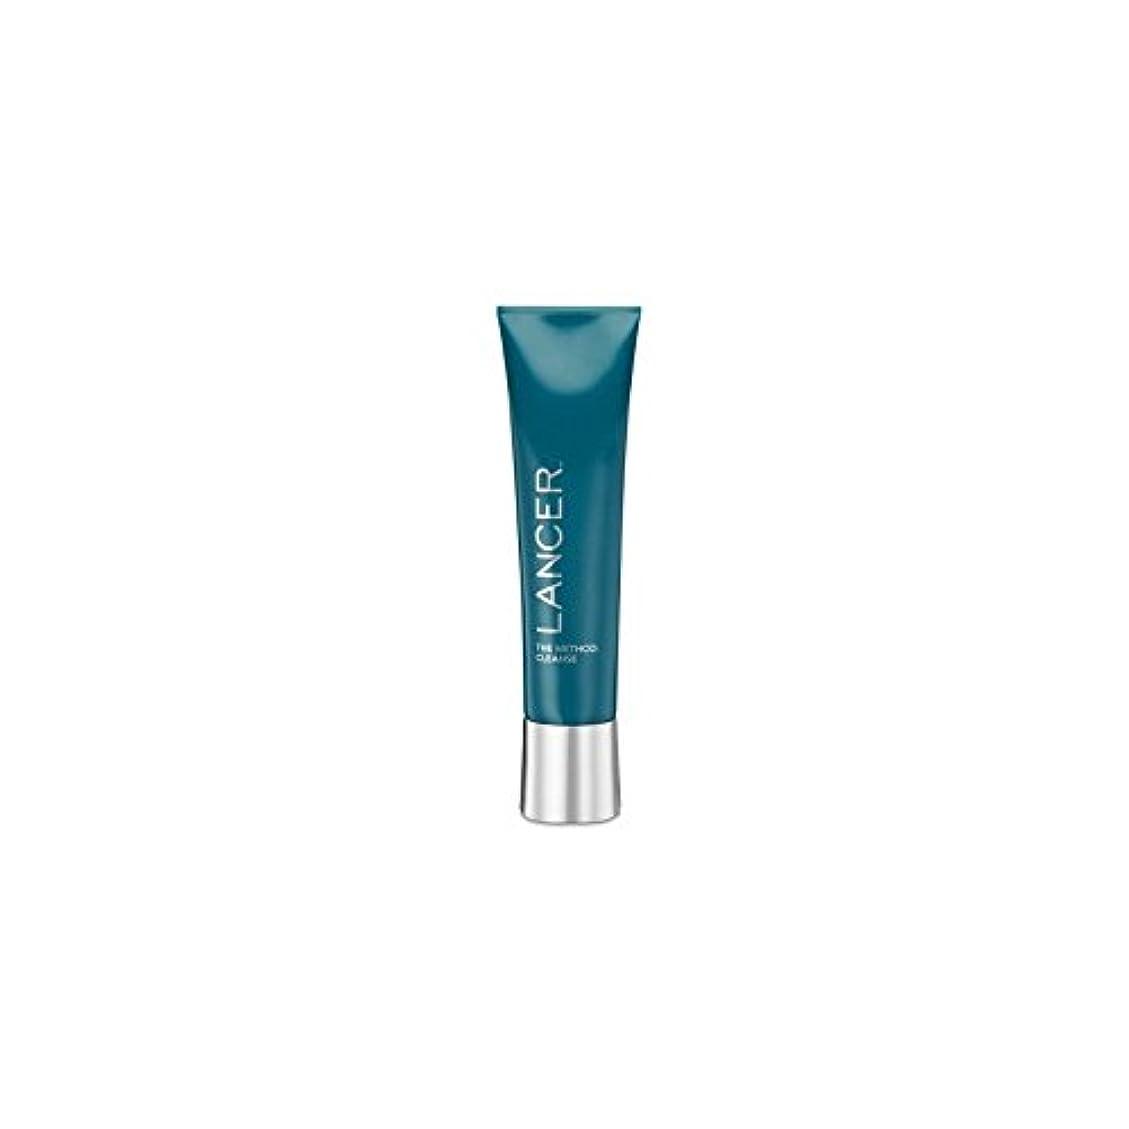 壮大なブランクアミューズメントLancer Skincare The Method: Cleanser (120ml) (Pack of 6) - クレンザー(120ミリリットル):ランサーは、メソッドをスキンケア x6 [並行輸入品]